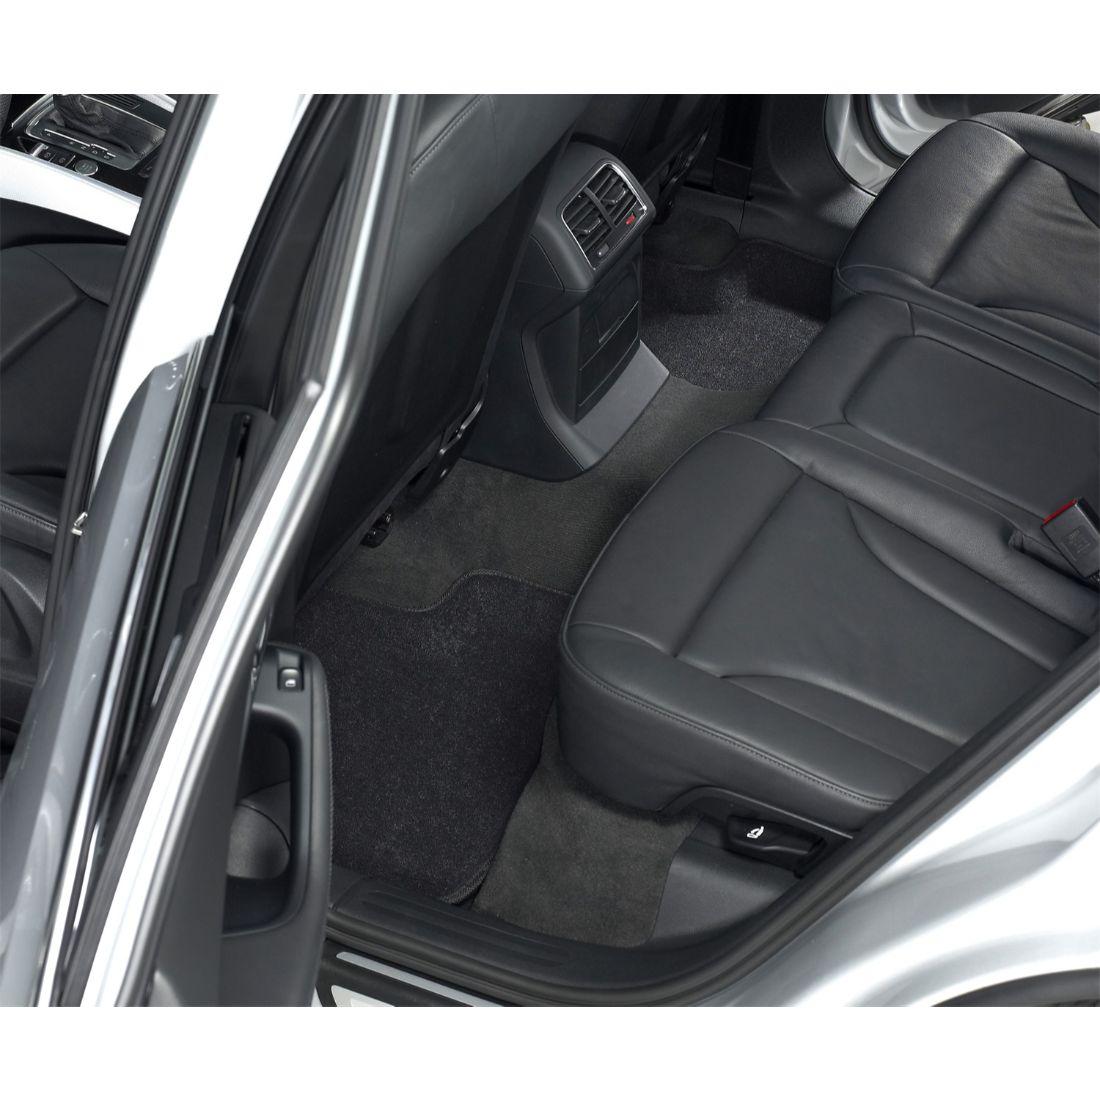 thumbnail 12 - 3D MAXpider Custom Fit CLASSIC Floor Mats for Chevrolet 2006-2013 Impala